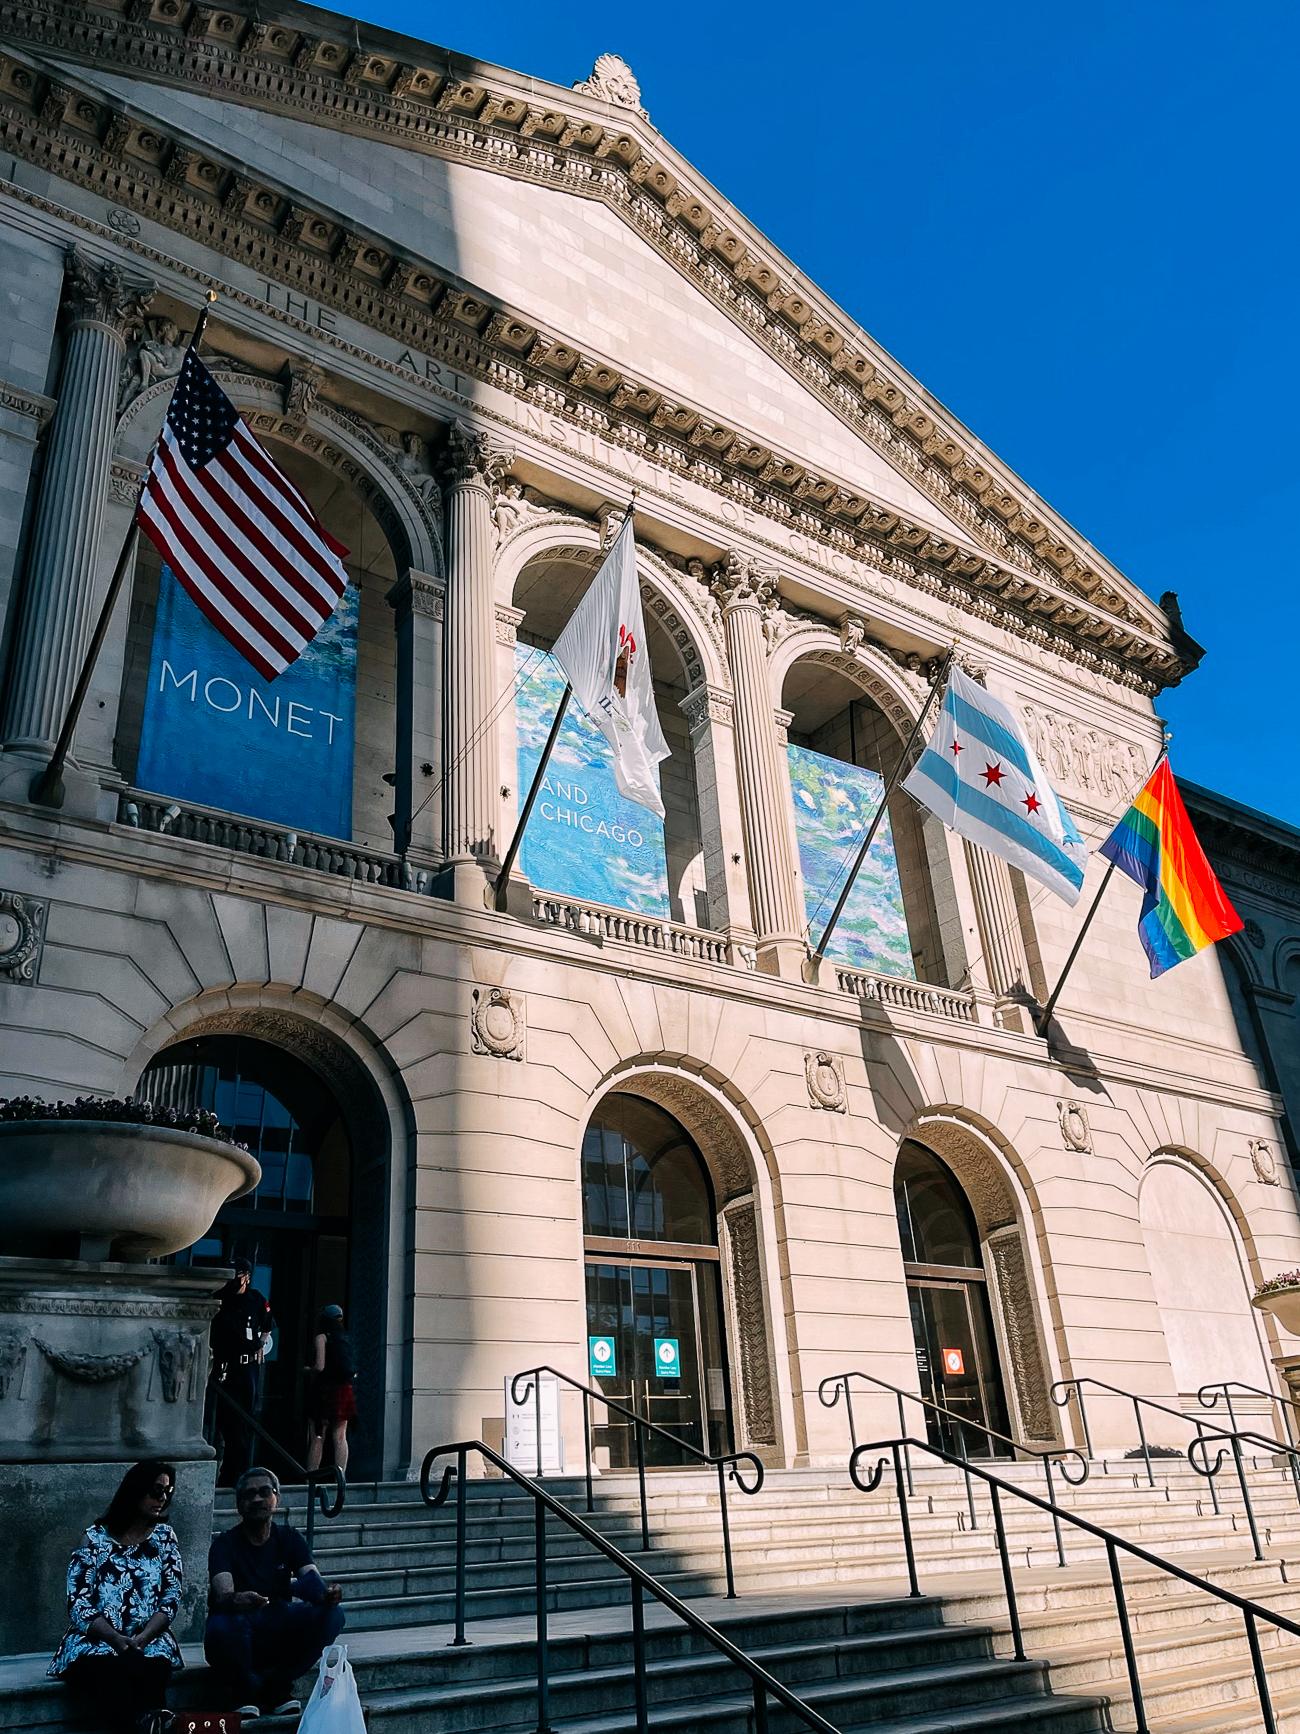 Facade of art institute of chicago